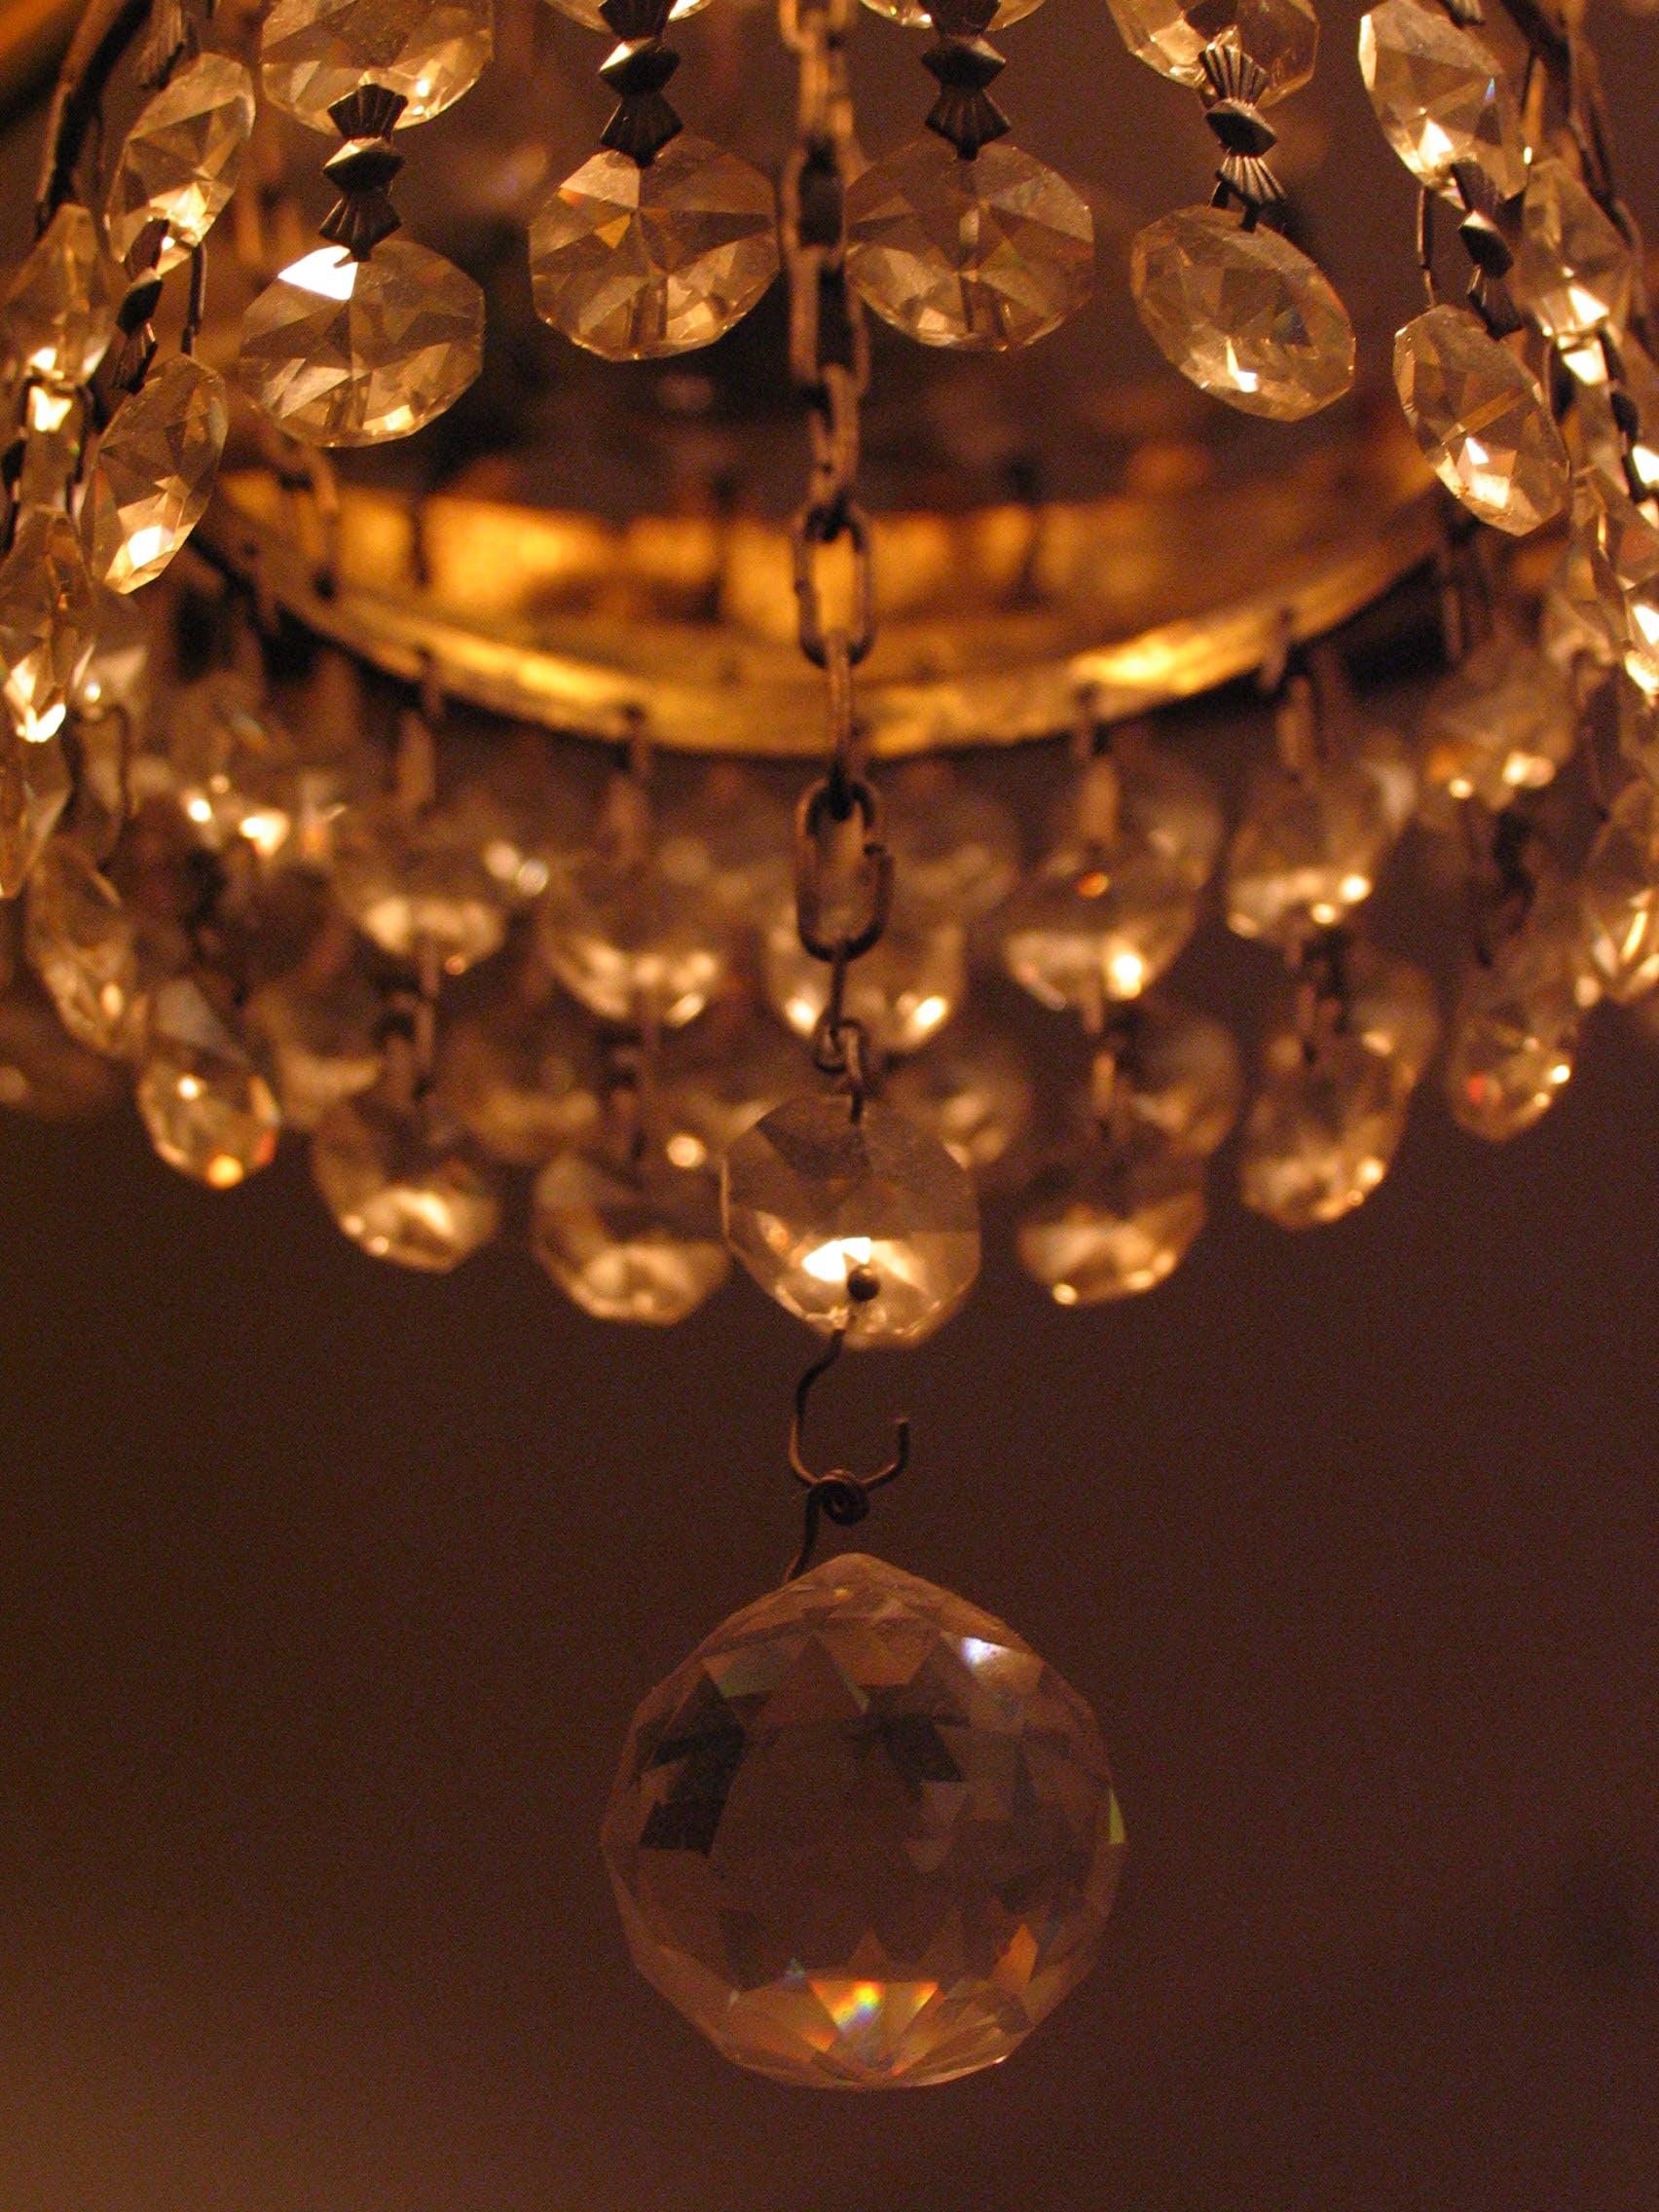 Foto stok gratis bagus, berfokus, berlian, cahaya